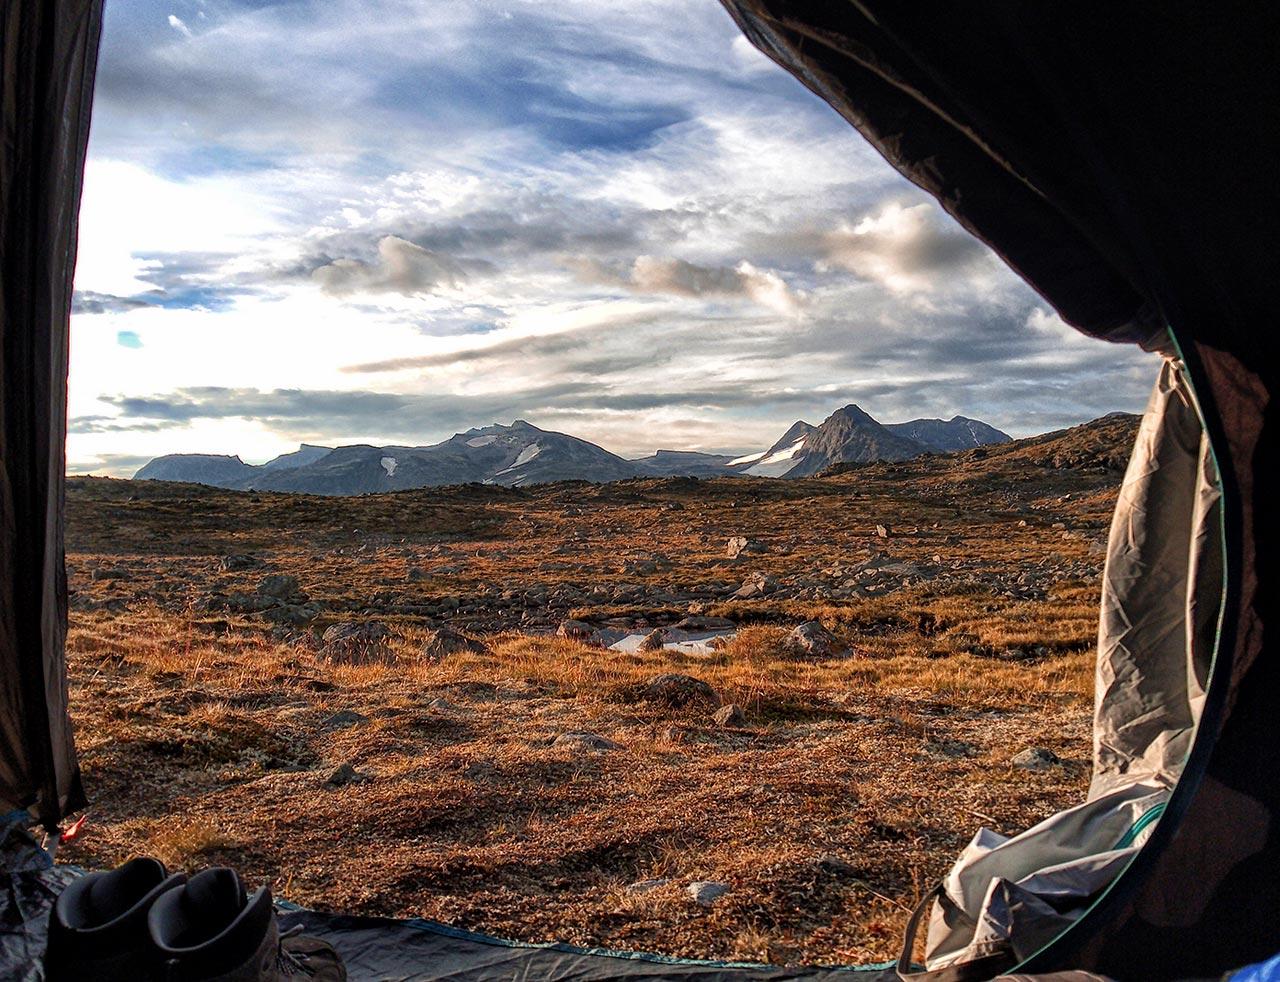 Vista delle montagne dalla tenda da campeggio